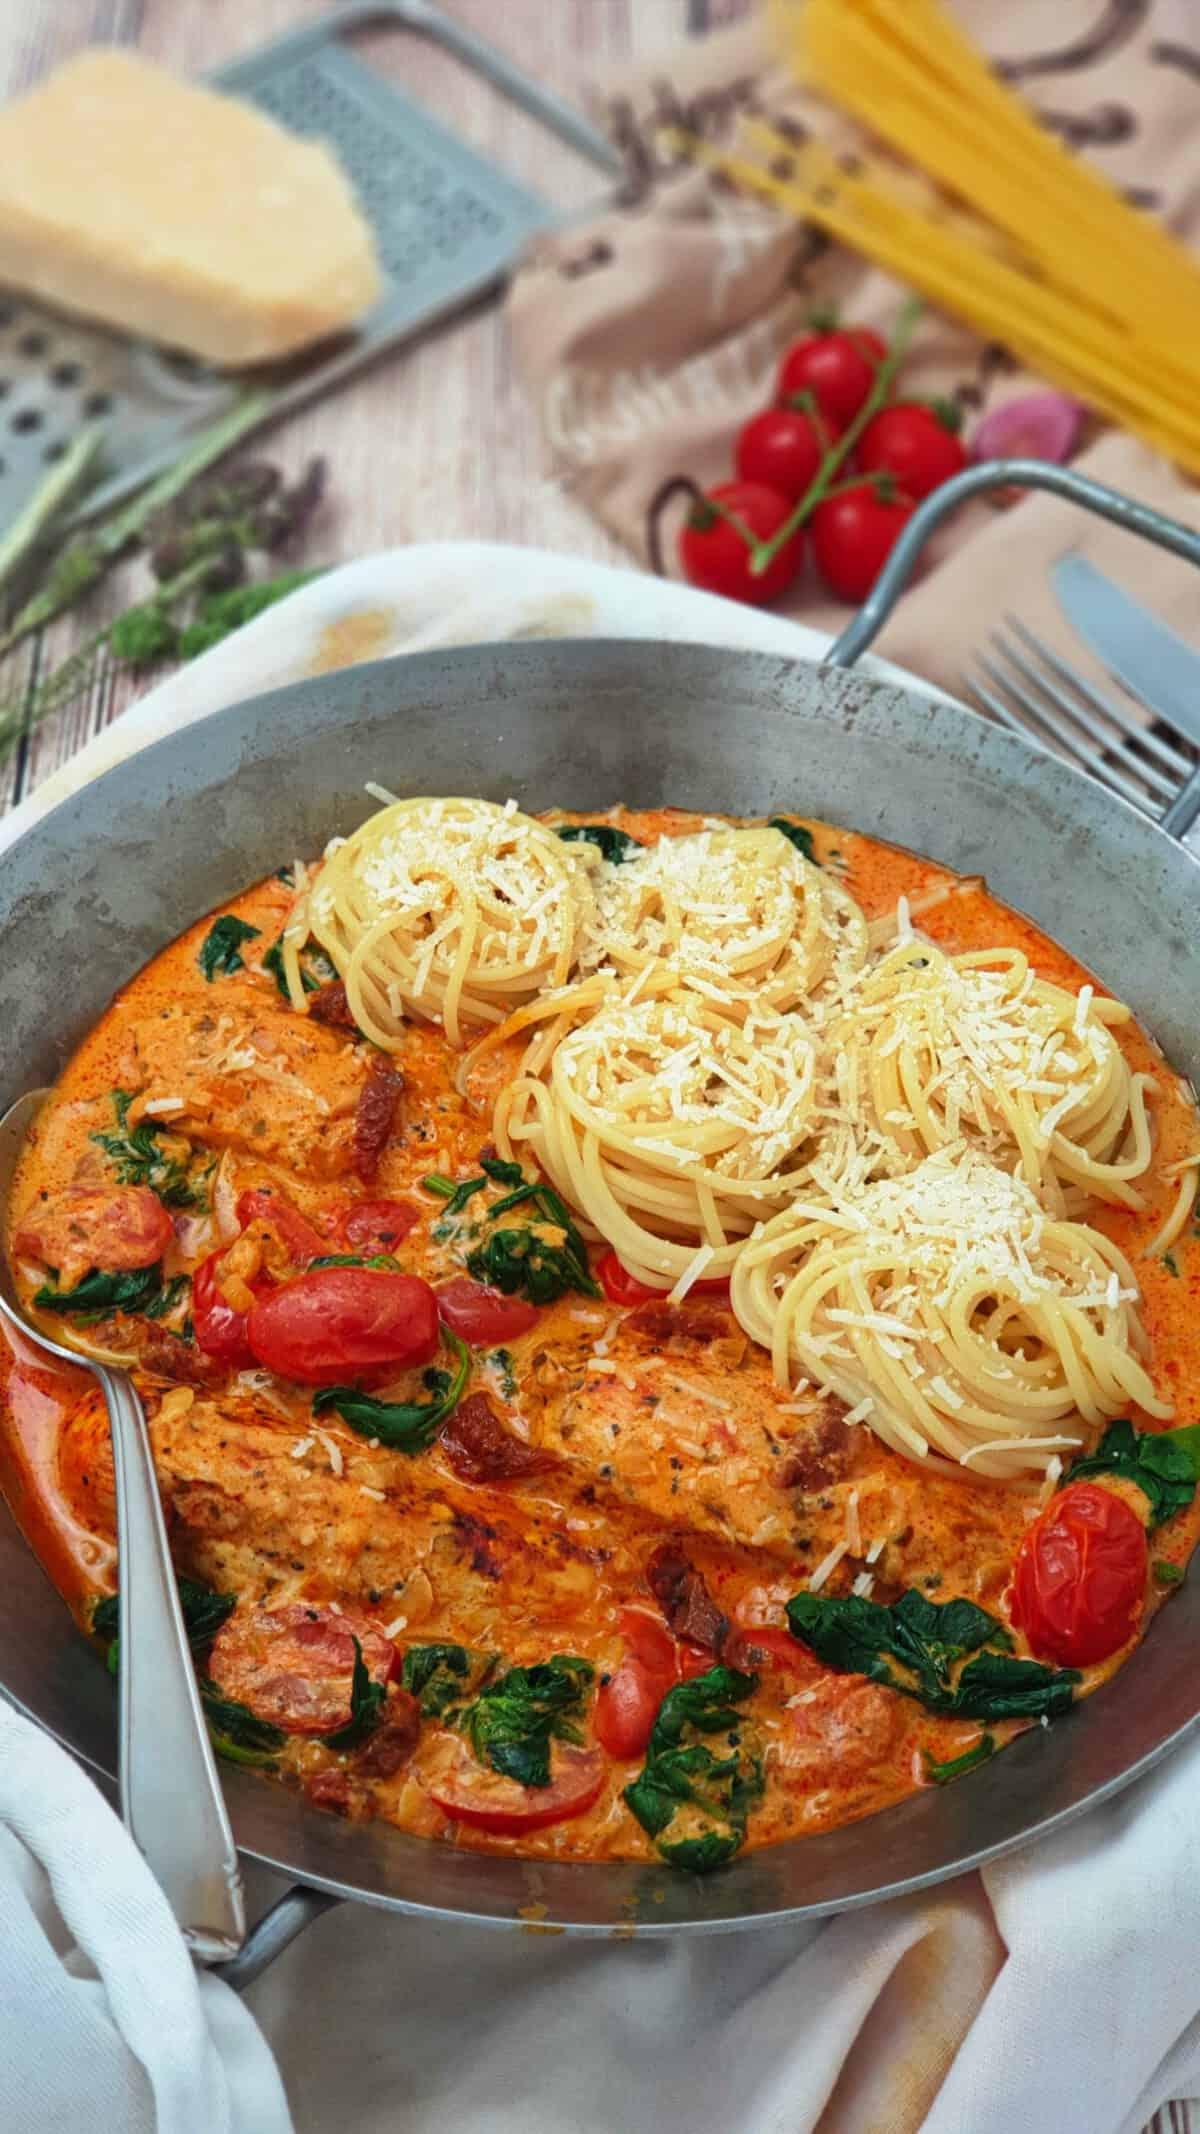 In einer eisernen Pfanne Hähnchenfilet in cremiger Frischkäse-Parmesan-Soße mit Spaghetti Nestern.